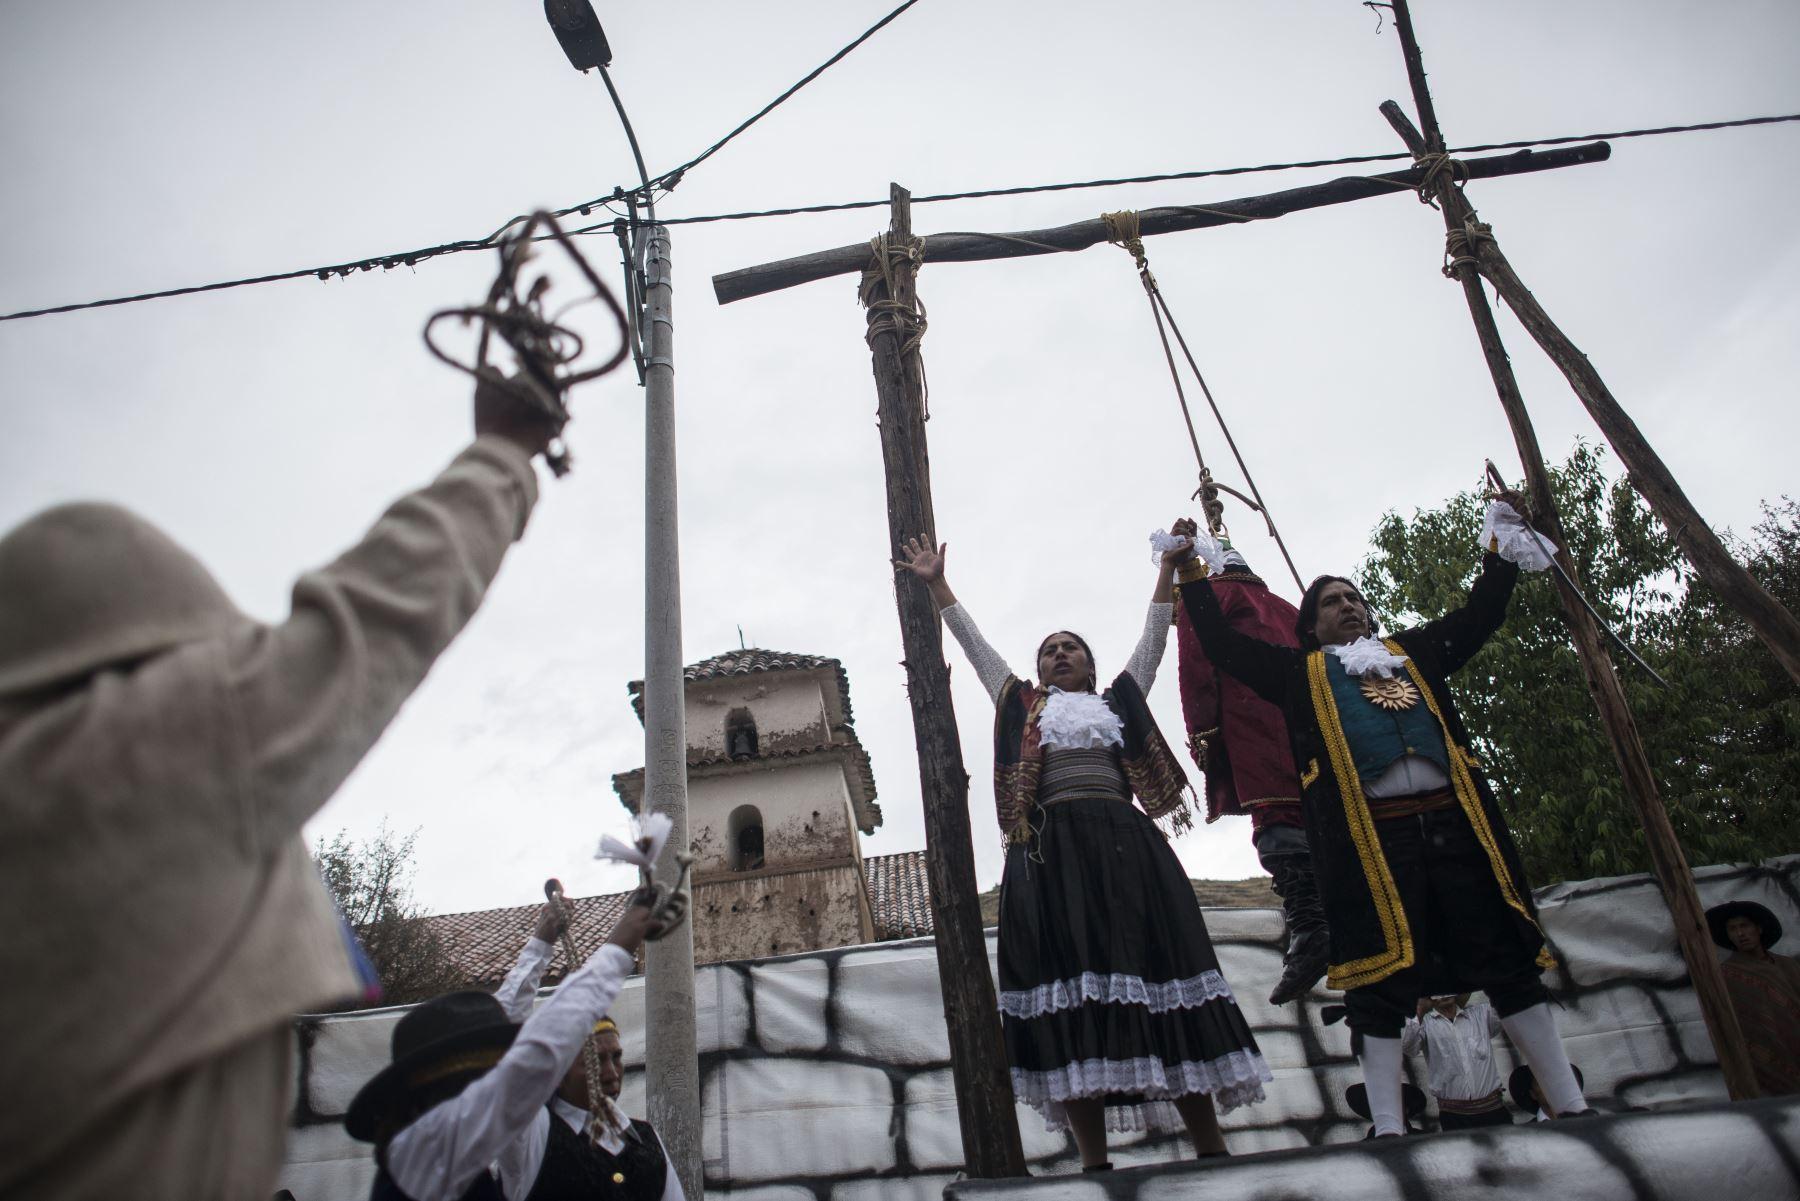 Conmemoración de los 239 años de la rebelión de Túpac Amaru II y Micaela Bastidas en Tungasuca, Cuzco. Foto: Difusión